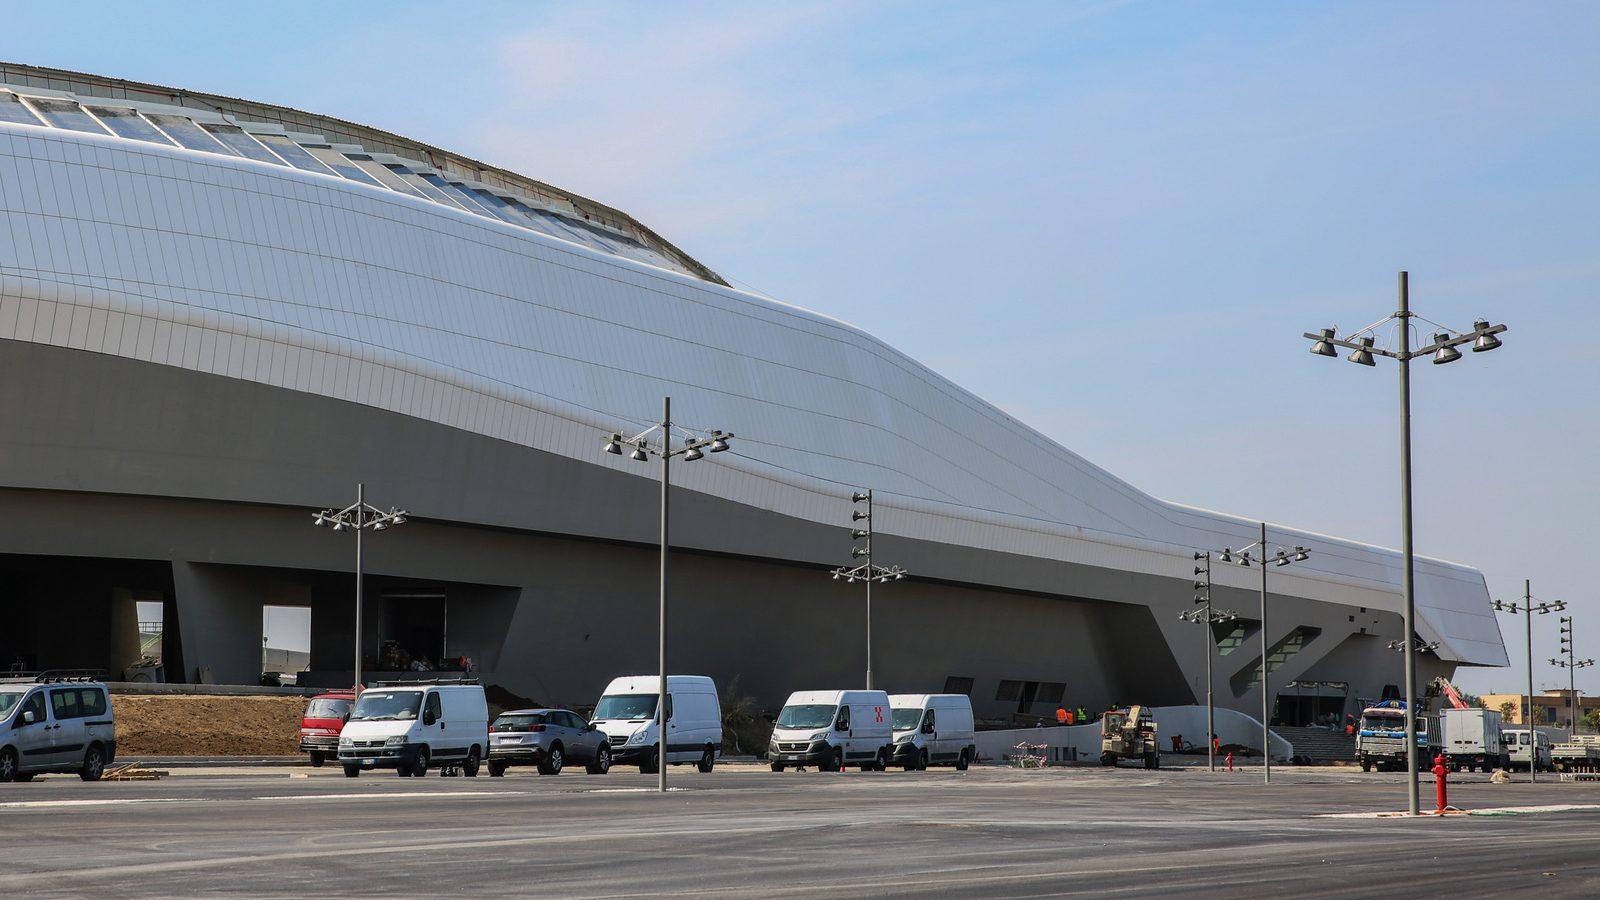 La stazione di Afragola, Napoli, progettata da Zaha Hadid (fonte: Ferrovie dello Stato Italiane)